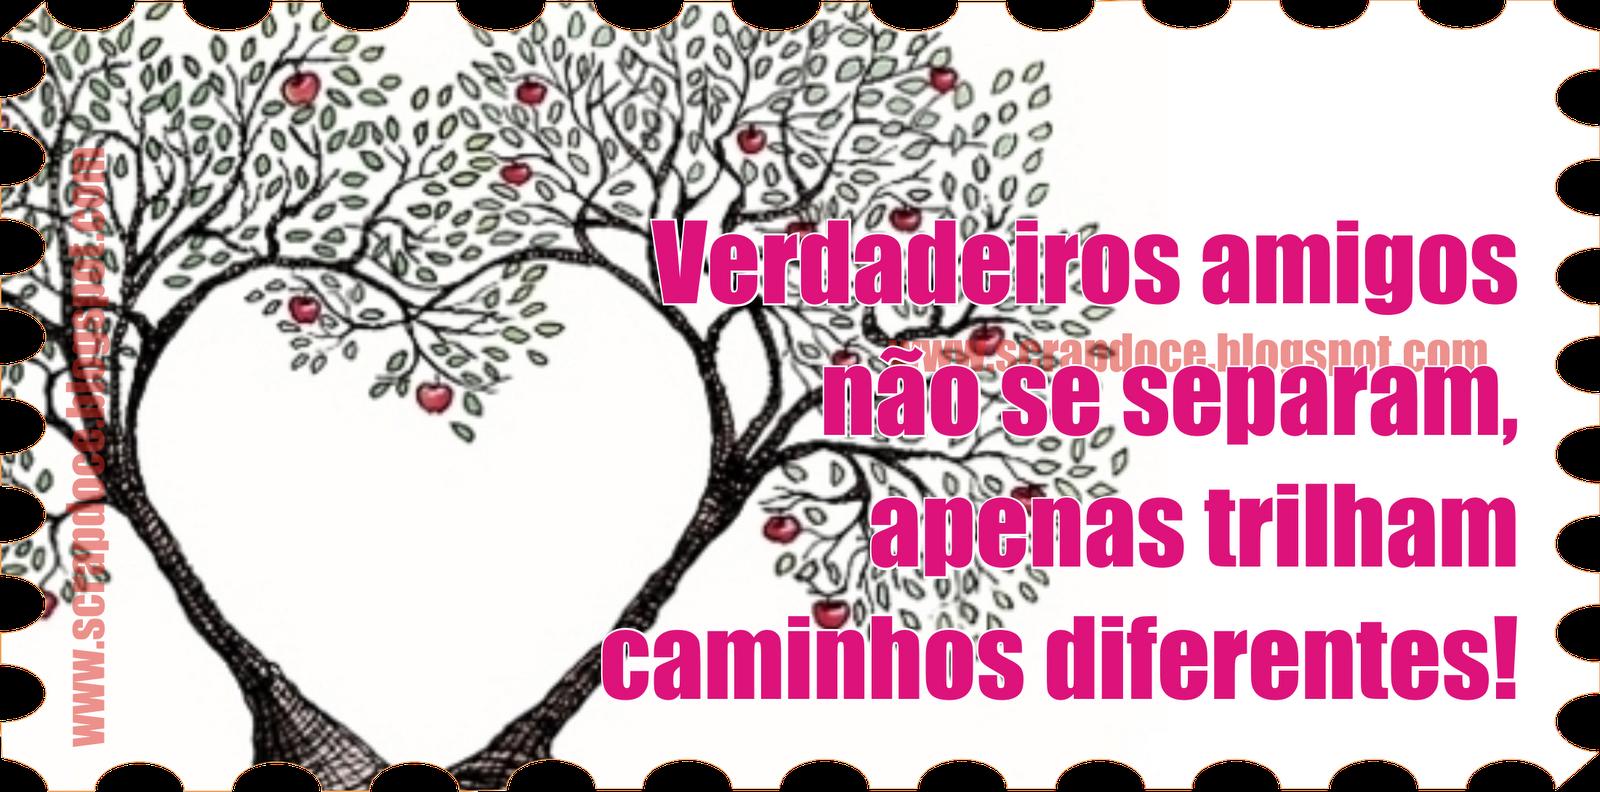 Frases E Imagens Para Facebook E: Frases Para Face De Amigas E Amigos:Piadas Para Facebook